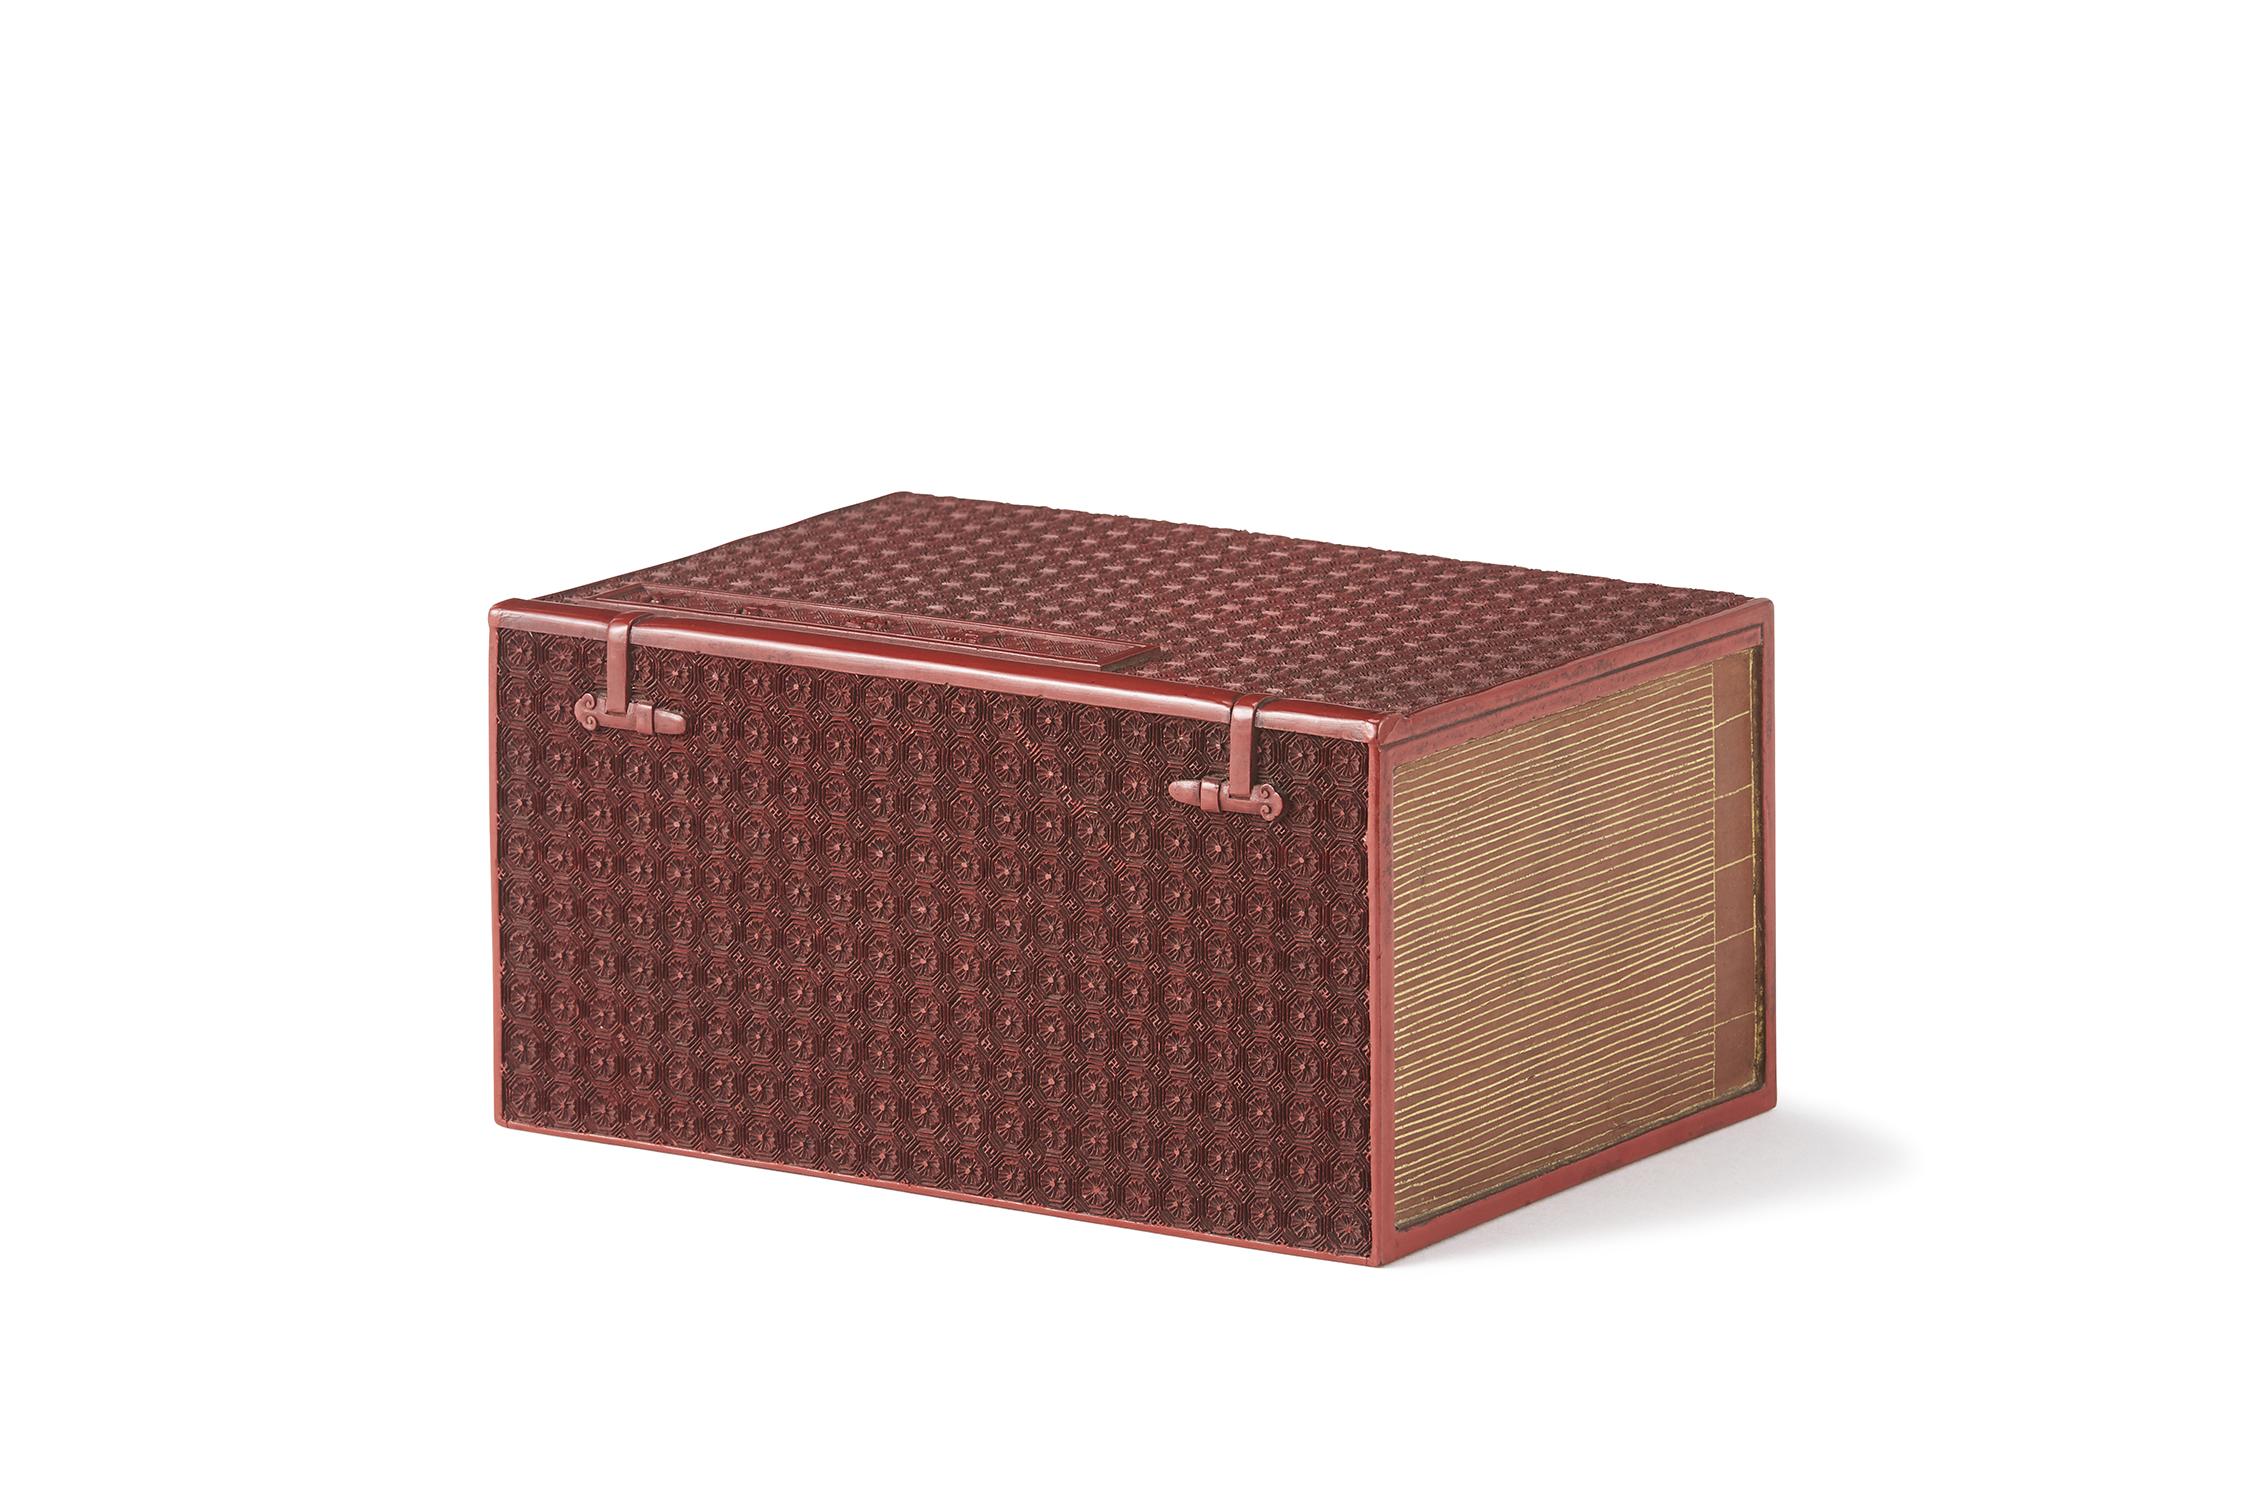 170932清中期 剔紅雕 太平廣記形 蓋盒